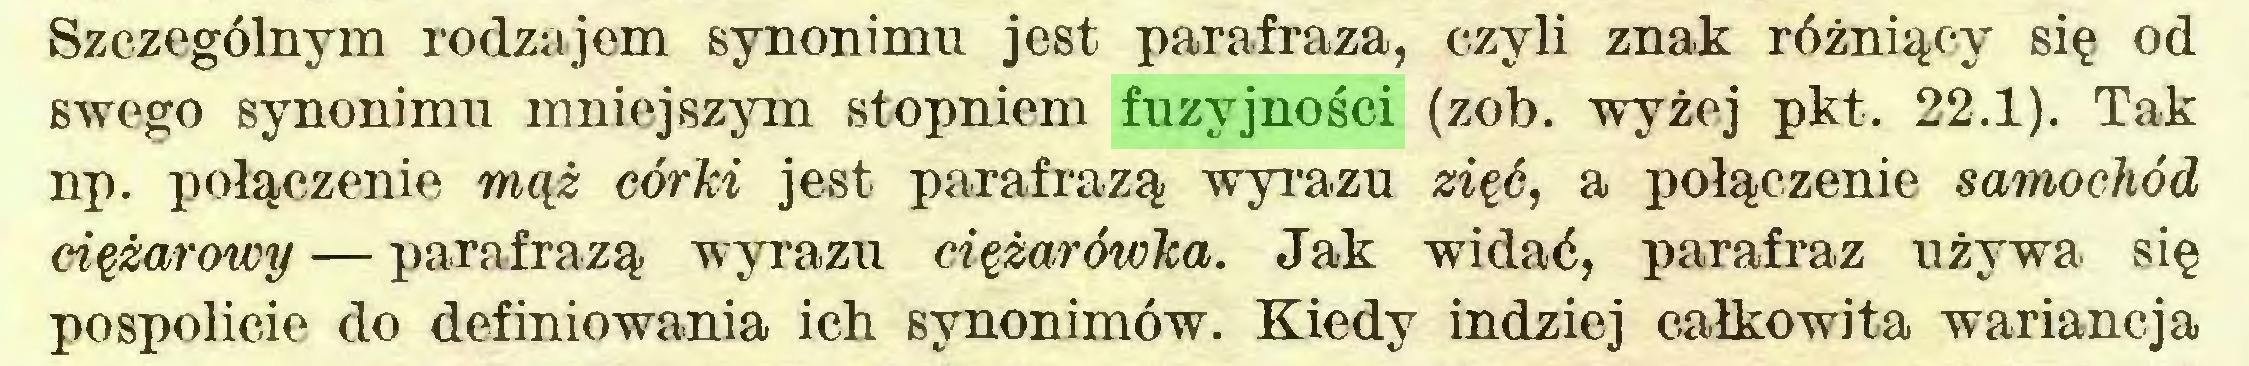 (...) Szczególnym rodzajem synonimu jest parafraza, czyli znak różniący się od swego synonimu mniejszym stopniem fuzyjności (zob. wyżej pkt. 22.1). Tak np. połączenie mąż córki jest parafrazą wyrazu zięć, a połączenie samochód ciężarowy — parafrazą wyrazu ciężarówka. Jak widać, parafraz używa się pospolicie do definiowania ich synonimów. Kiedy indziej całkowita wariancja...